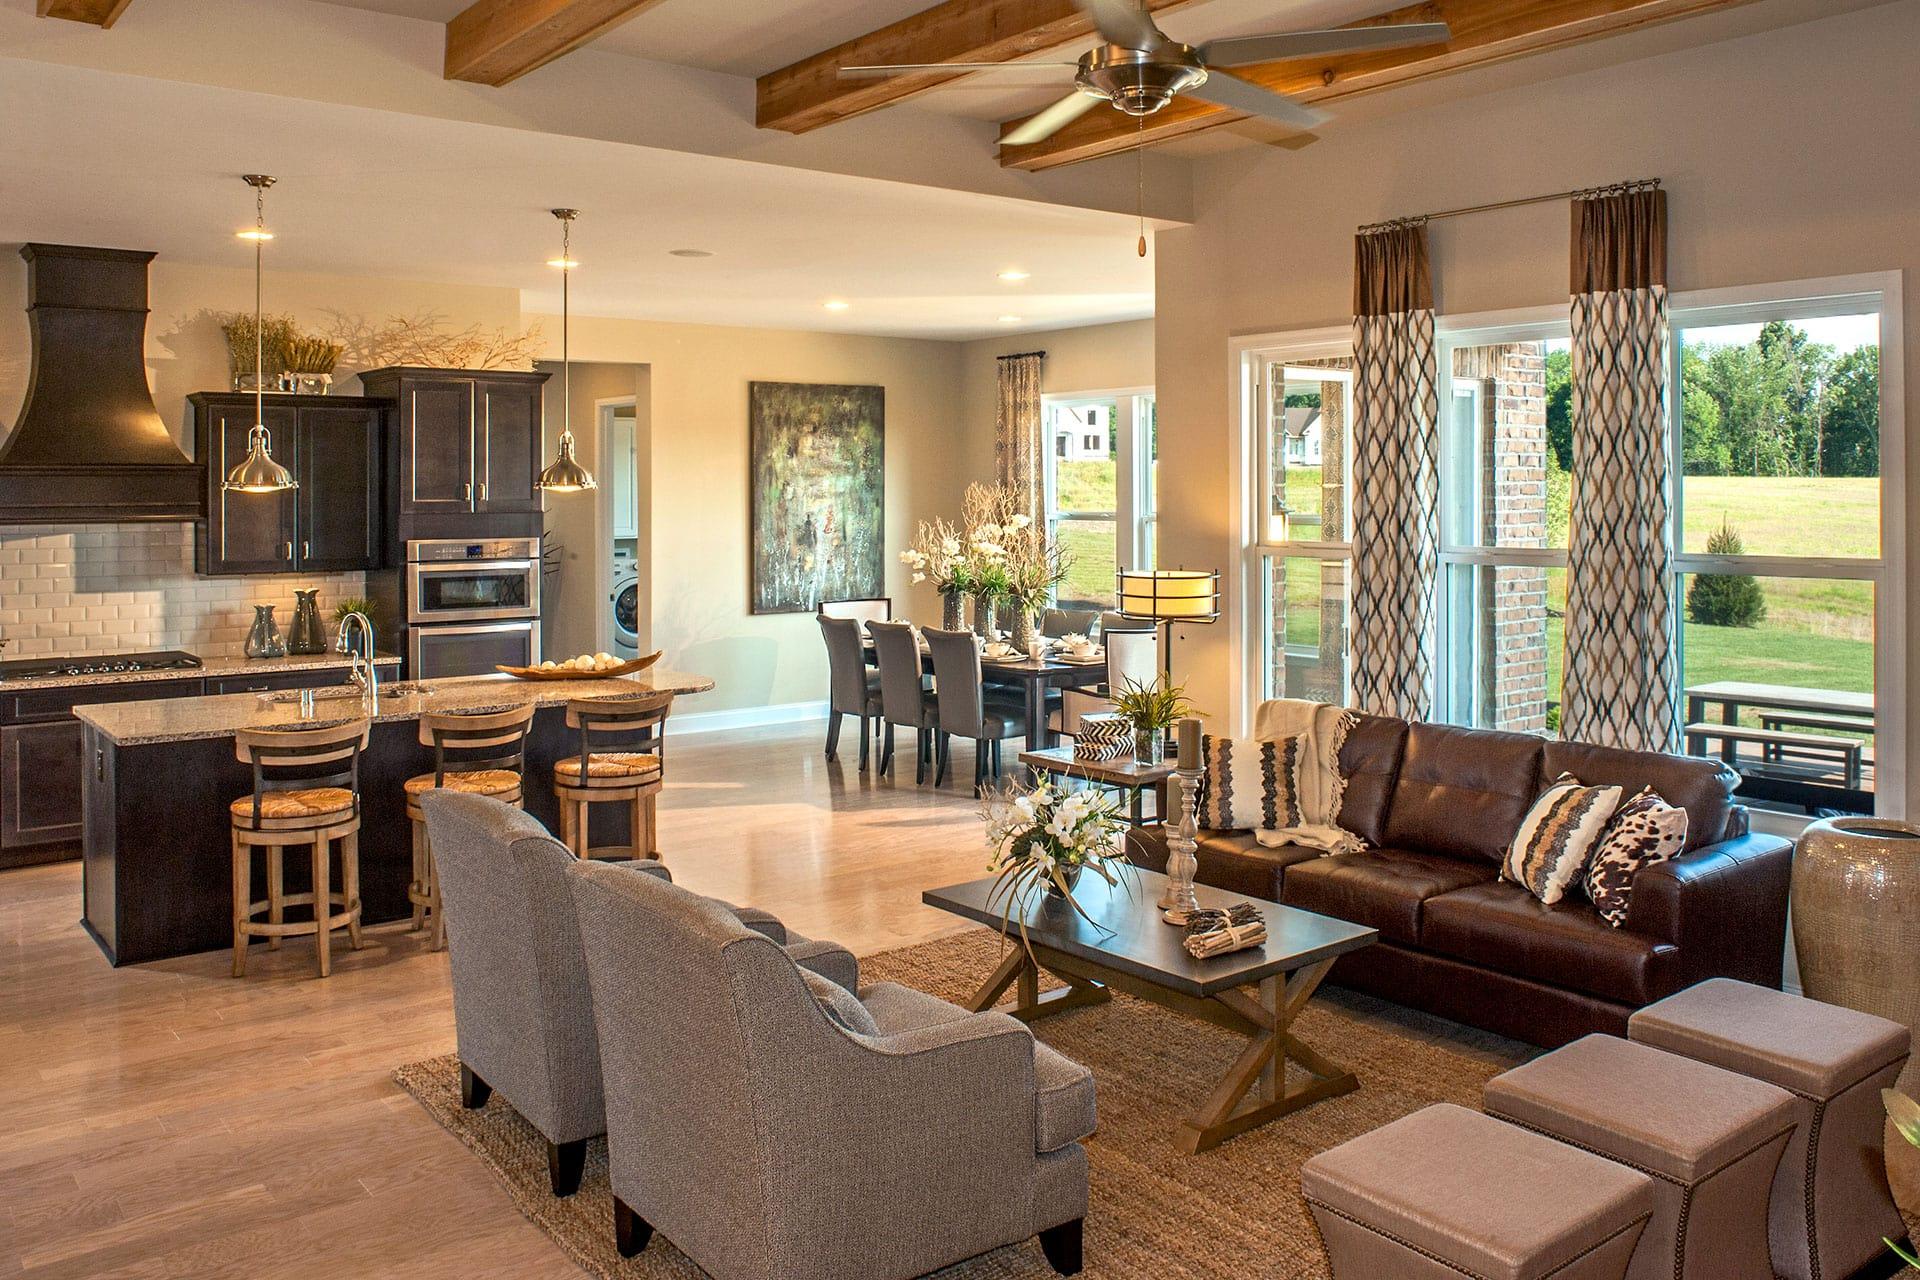 Best 18 Drees Homes Franklin Tn Wallpaper Cool HD